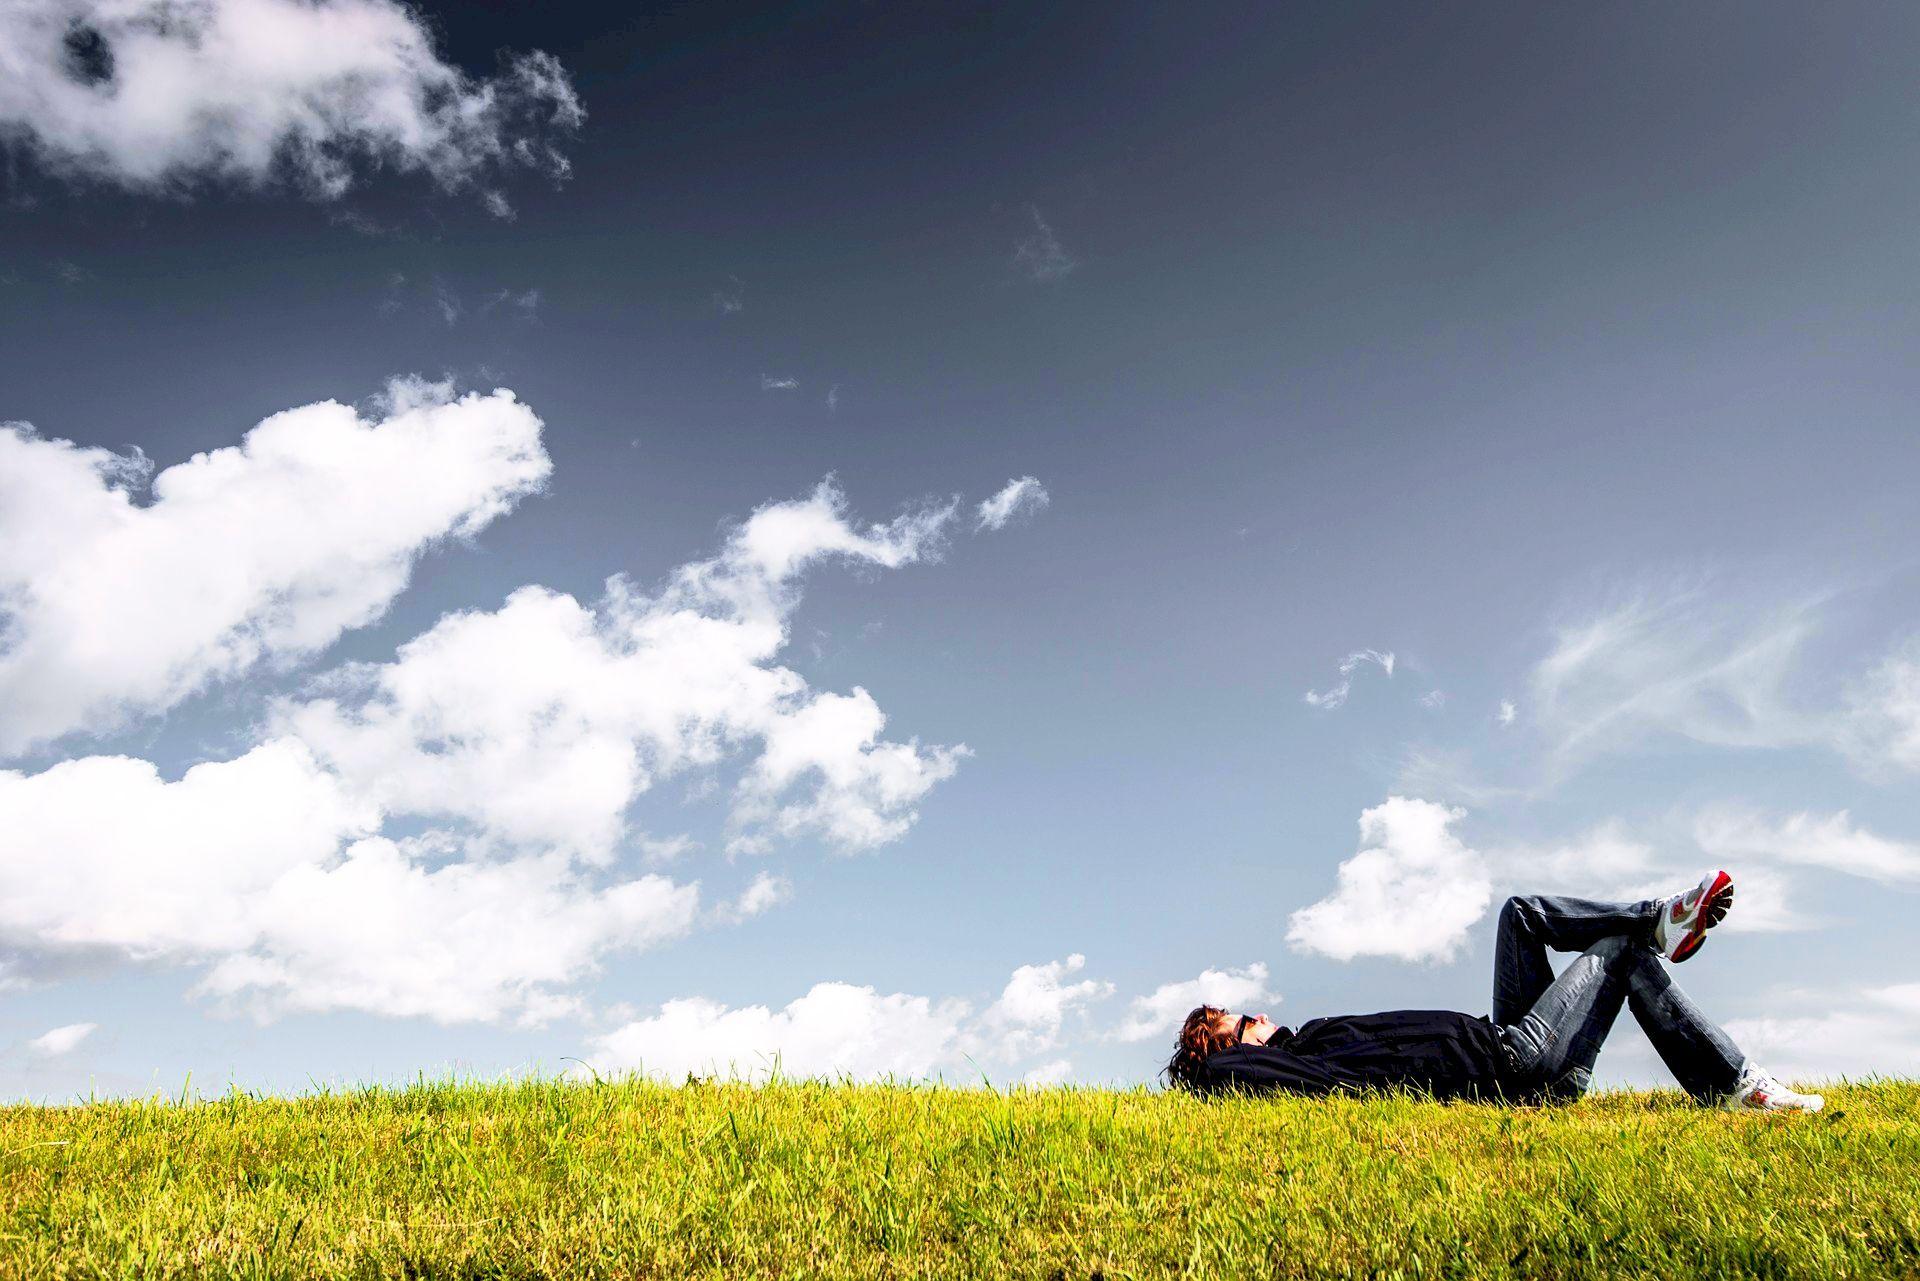 Zachowanie równowagi pomiędzy życiem zawodowym, a prywatnym daje poczucie spełnienia na wielu płaszczyznach (fot. pixabay)